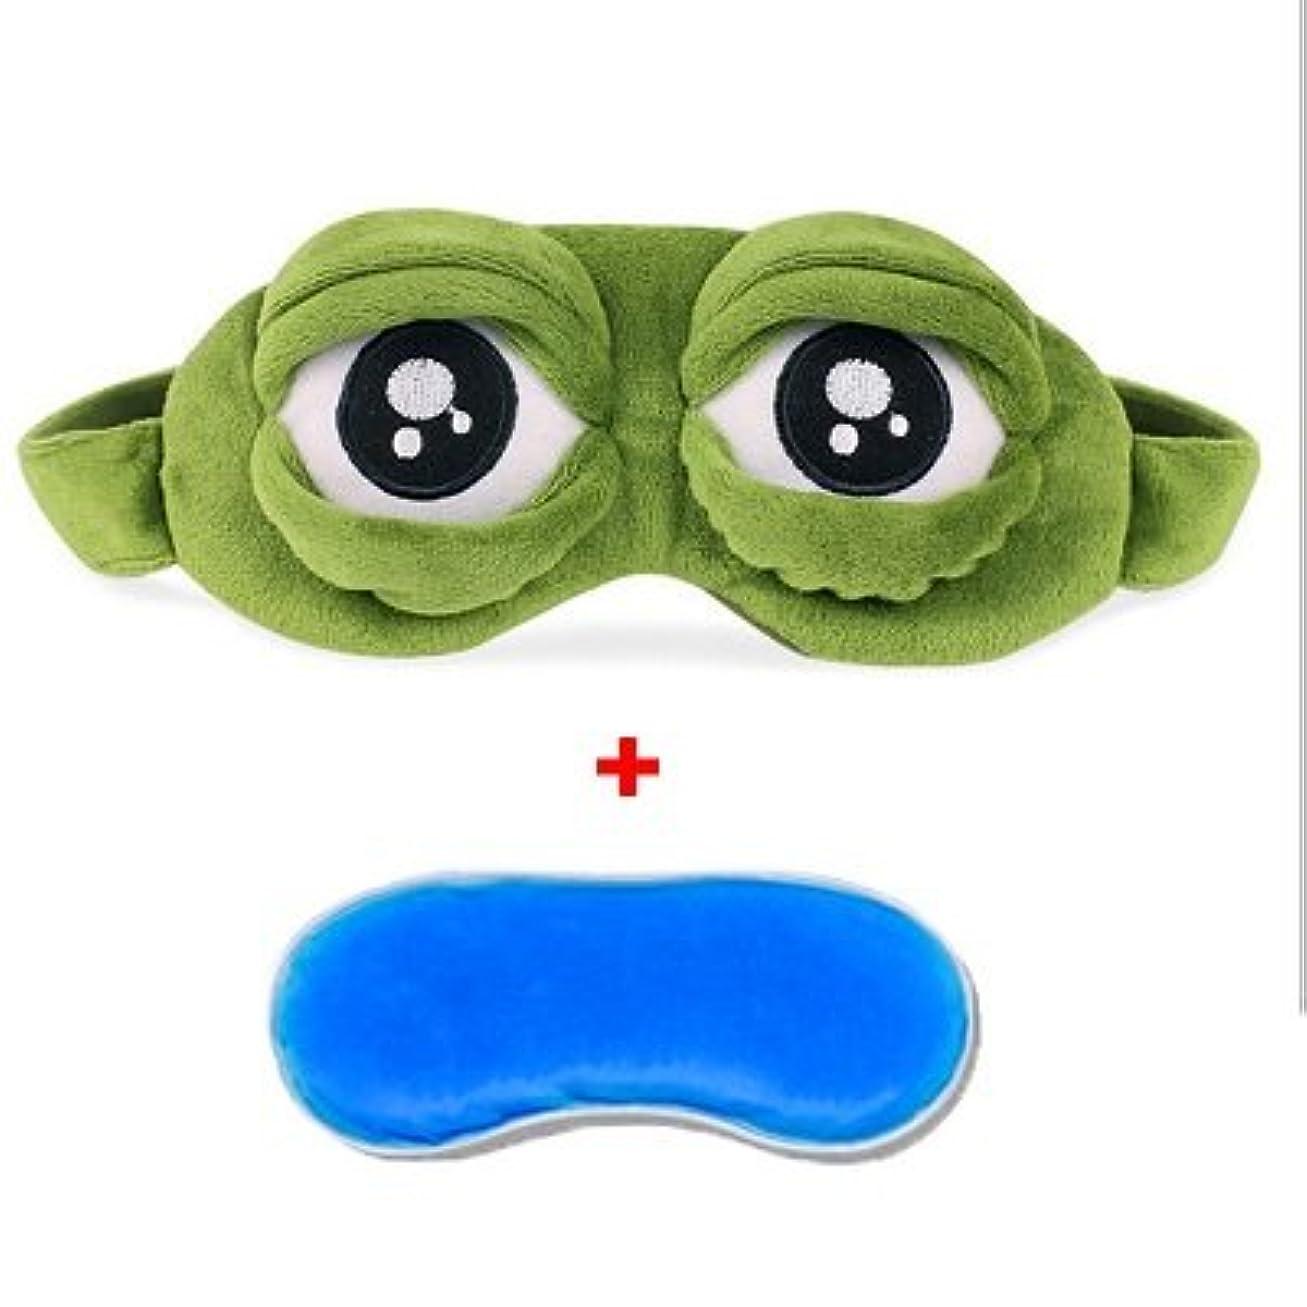 汚れたマーティンルーサーキングジュニア説教NOTE 3d悲しいカエル睡眠マスク睡眠補助目隠しアイスカバーアイシェードぬいぐるみアニメコスプレ衣装面白いおもちゃアイパッチ